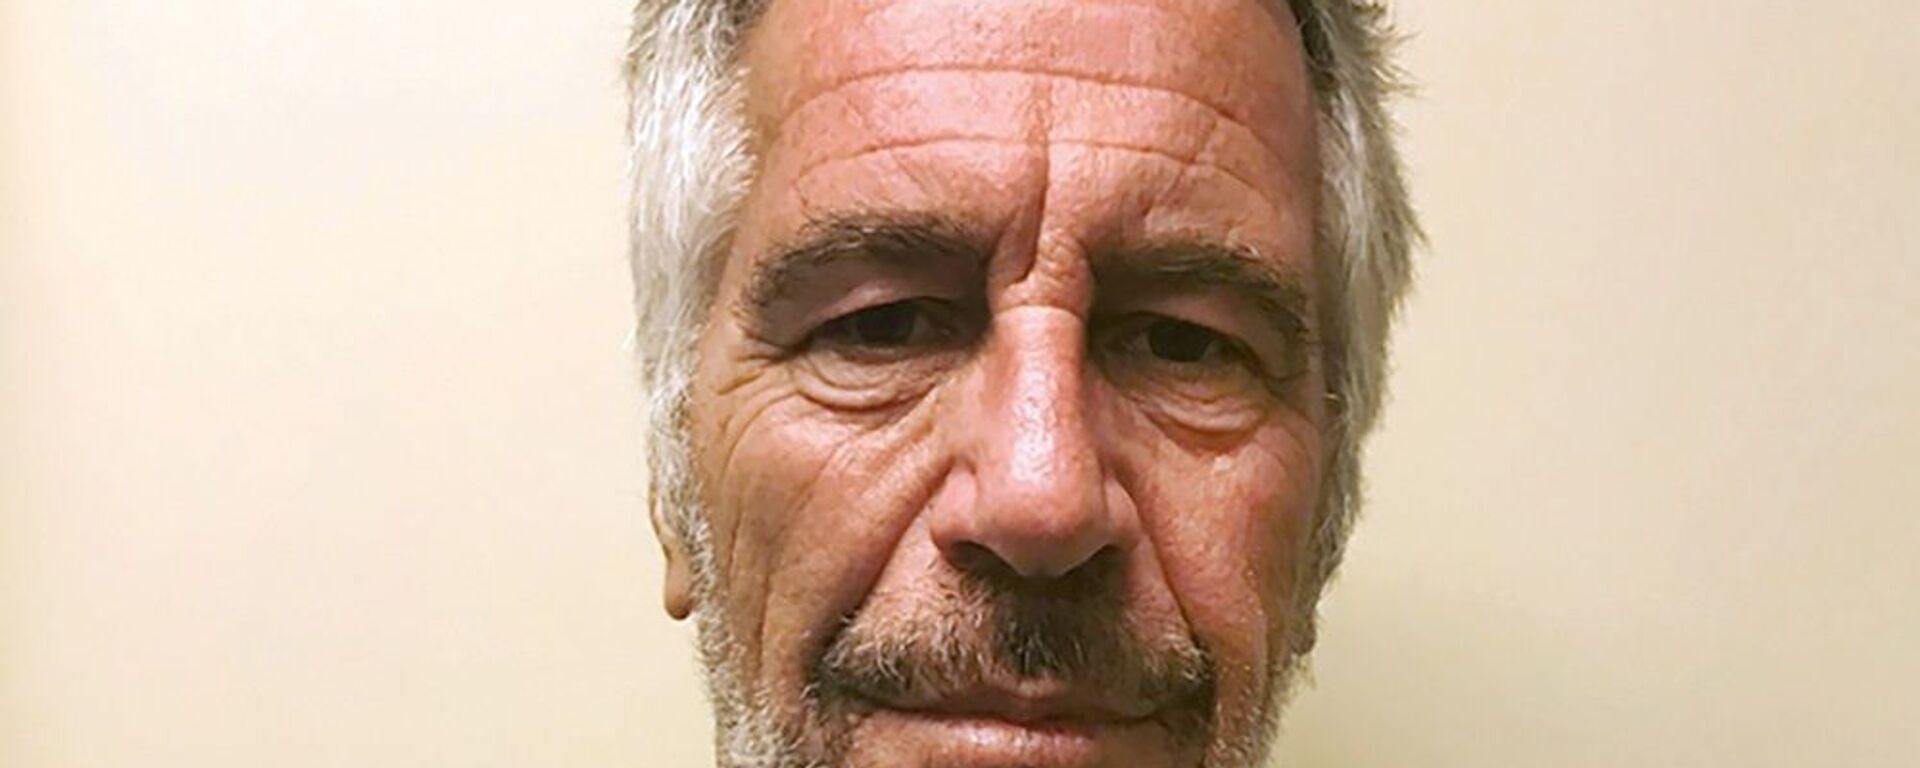 ABD'li milyarder Jeffrey Epstein reşit olmayan genç kızlara cinsel istismar suçlamasıyla yargılanmıştı. - Sputnik Türkiye, 1920, 31.03.2021